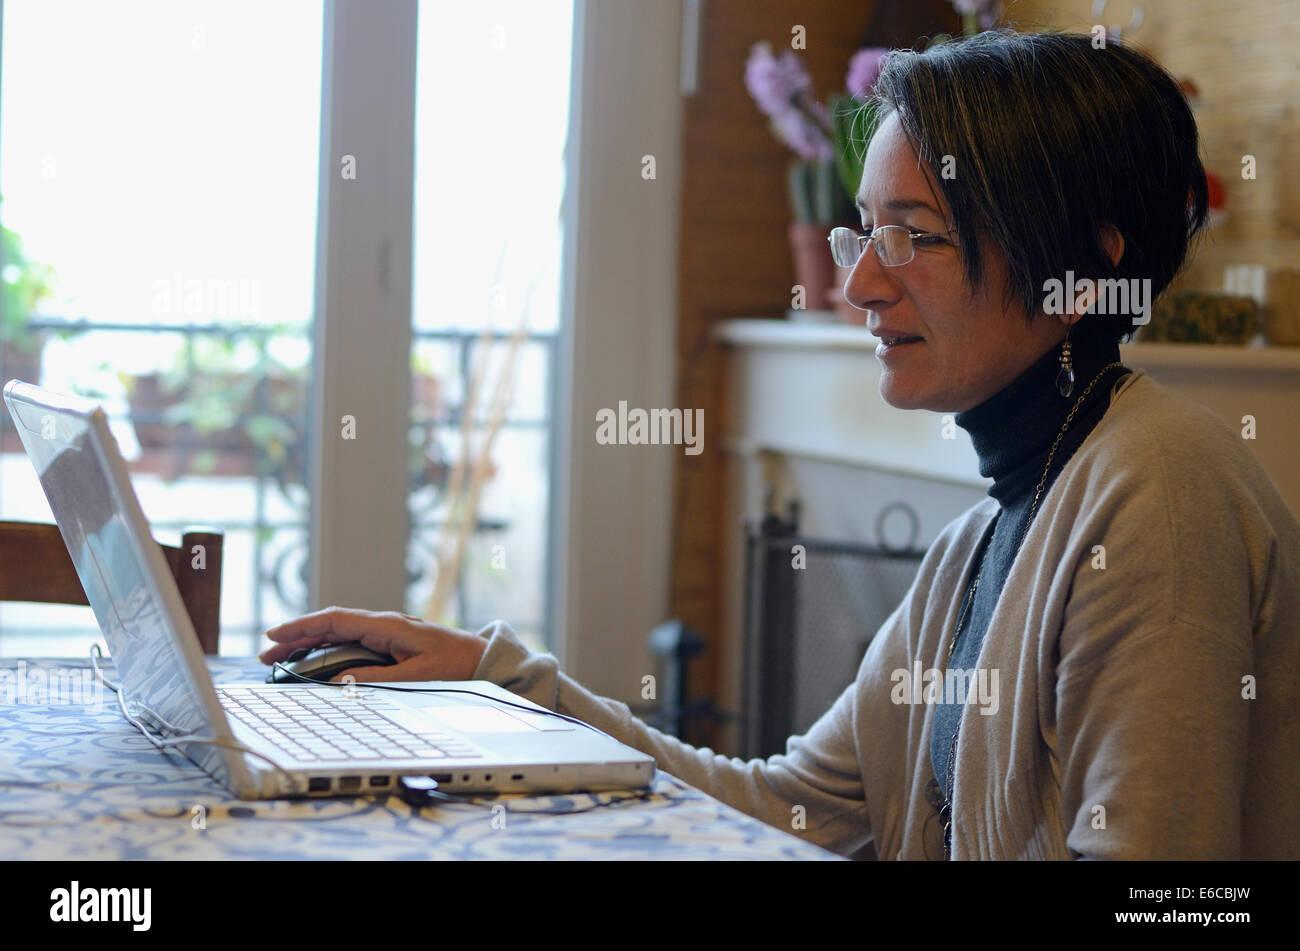 Mujer de mediana edad utilizando un equipo portátil en casa Imagen De Stock